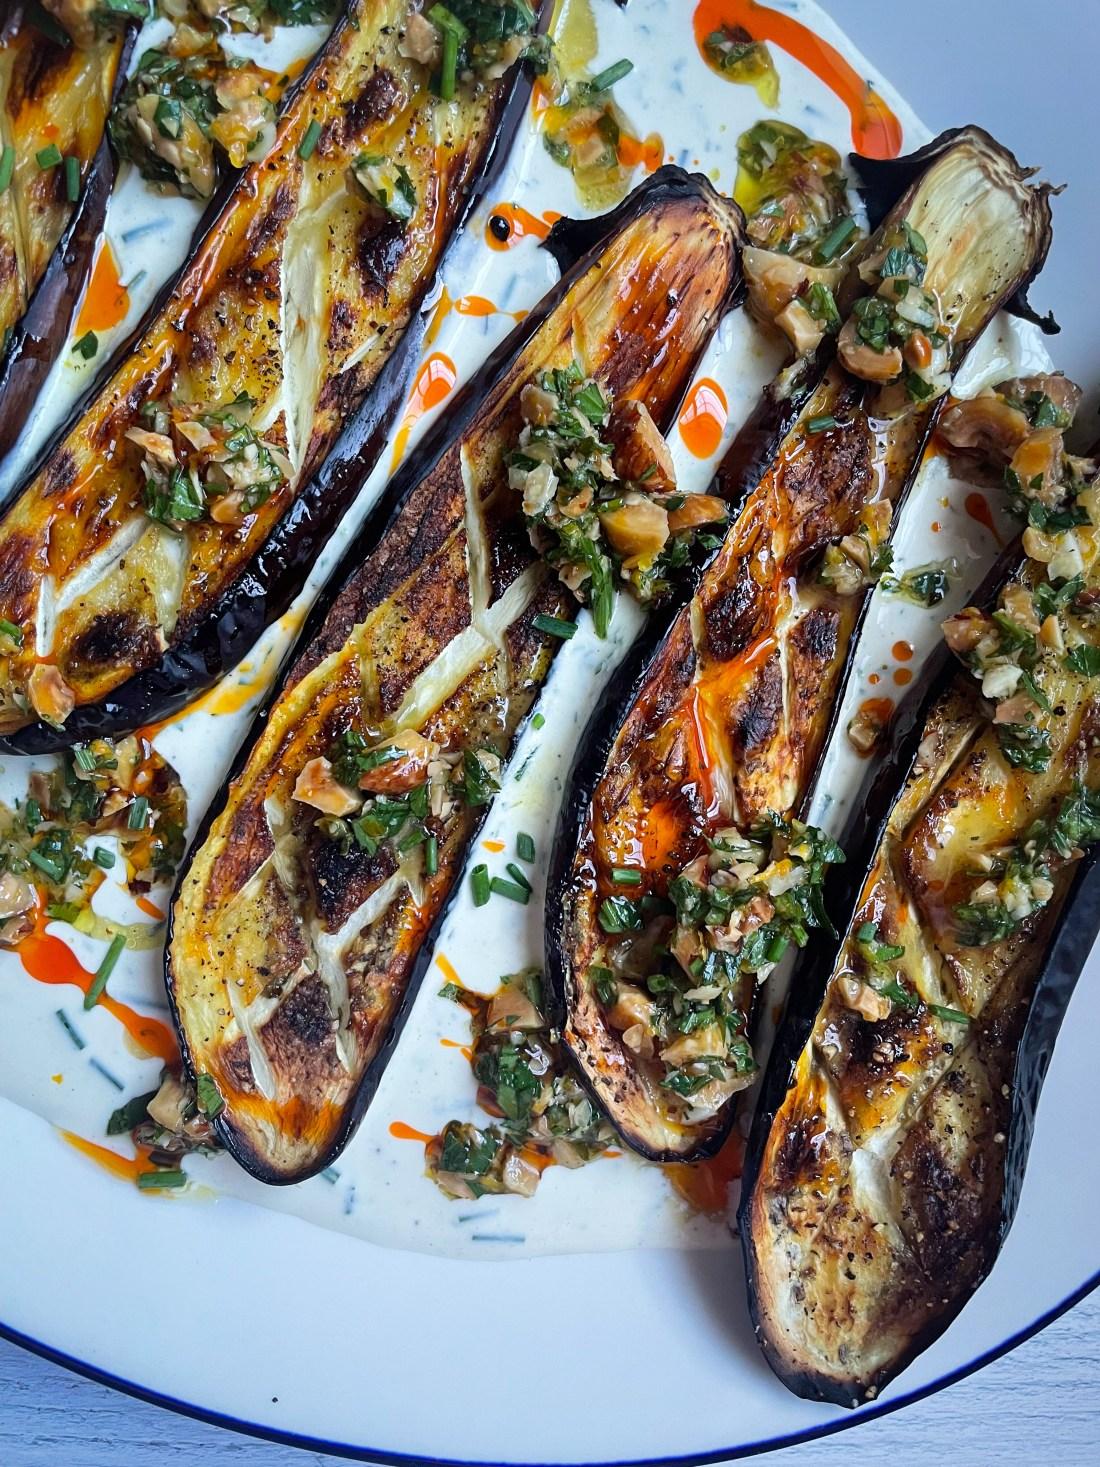 roasted eggplants